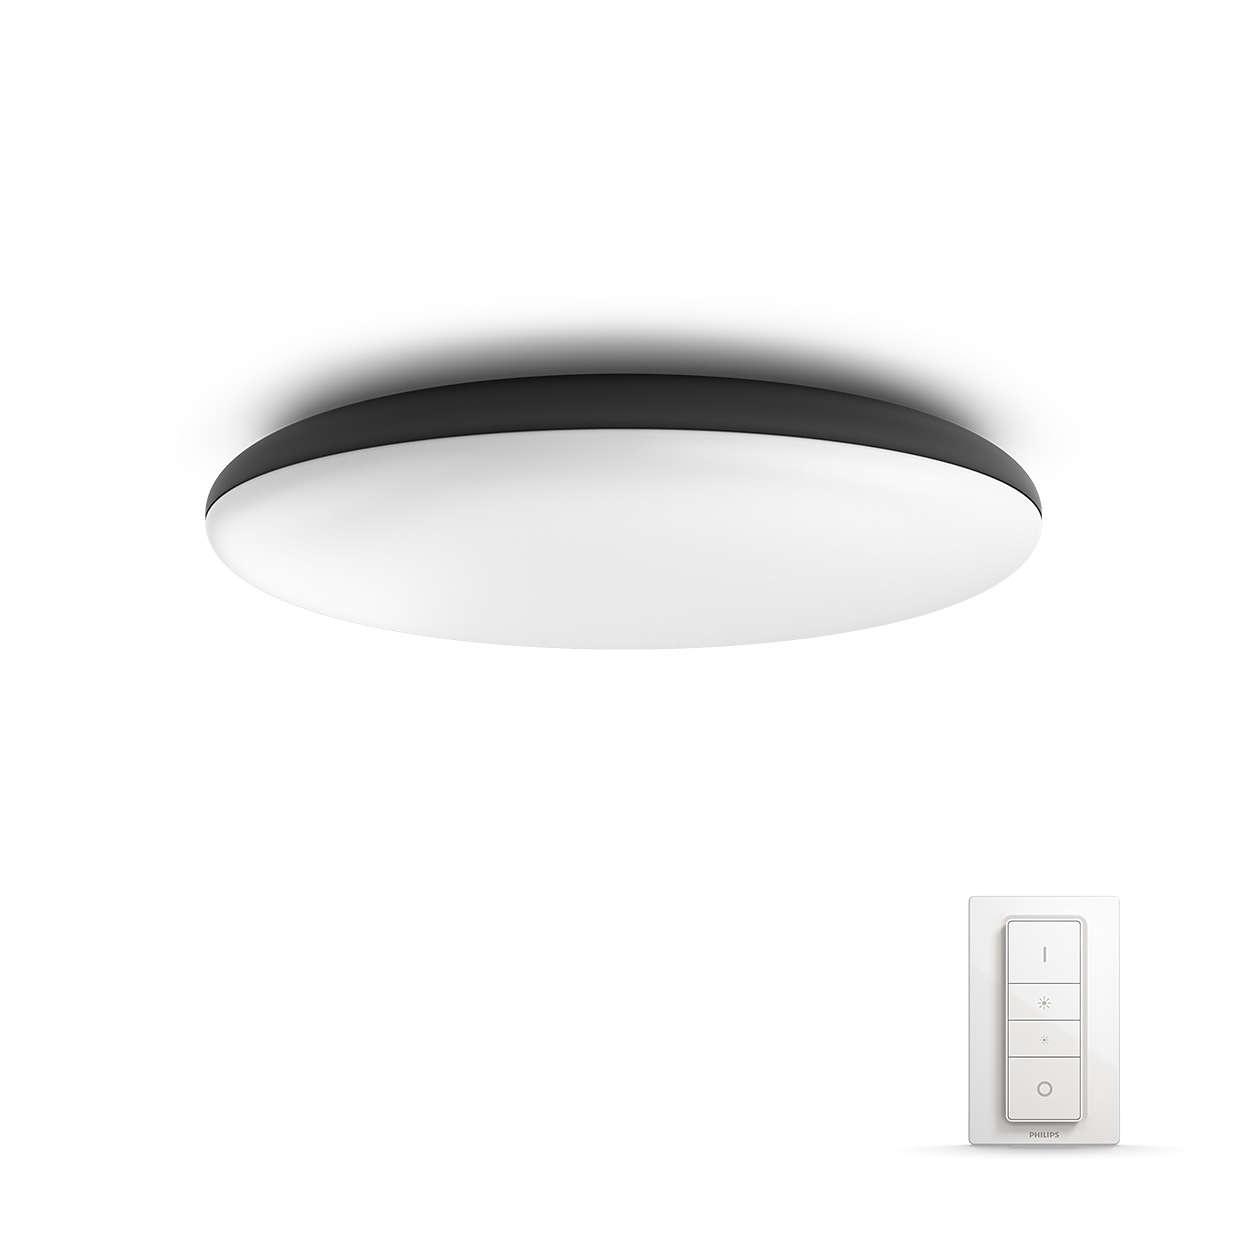 PHILIPS Cher Stropní svítidlo, Hue White ambiance,  230V, 1x39W integr.LED, Černá